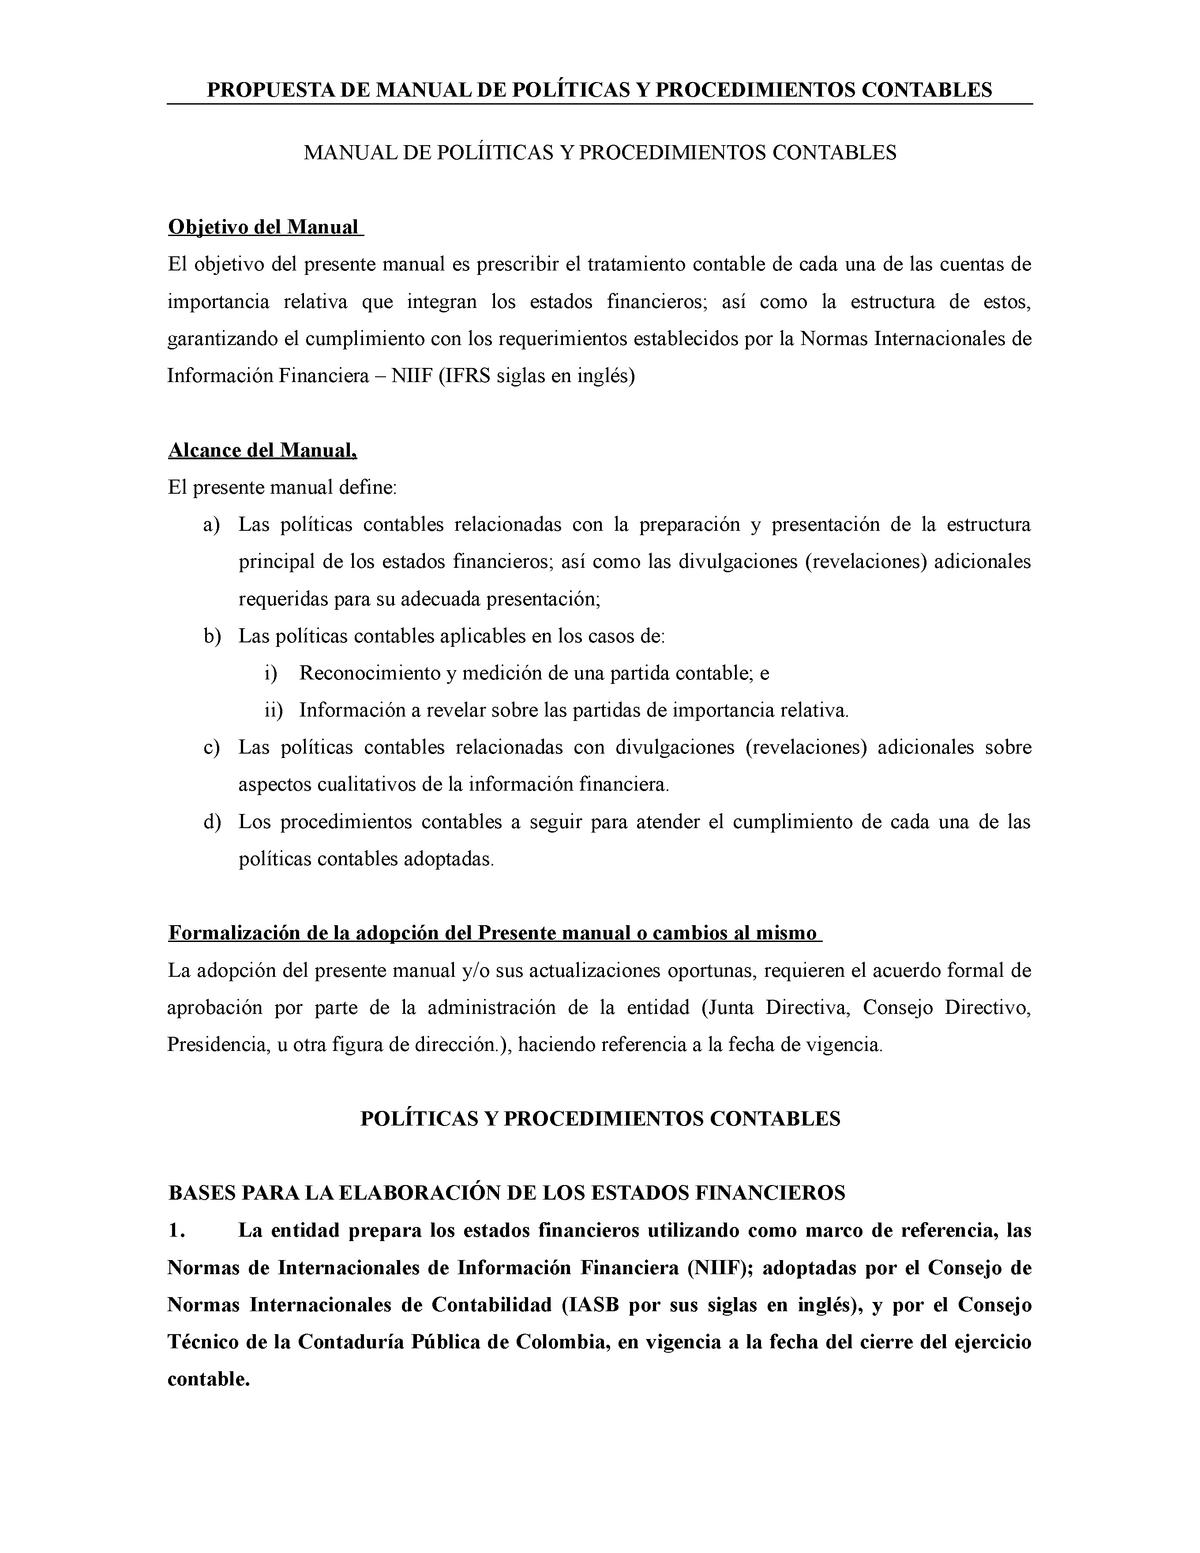 Manual De Politicas Y Procedimientos Contables Adaptar Studocu